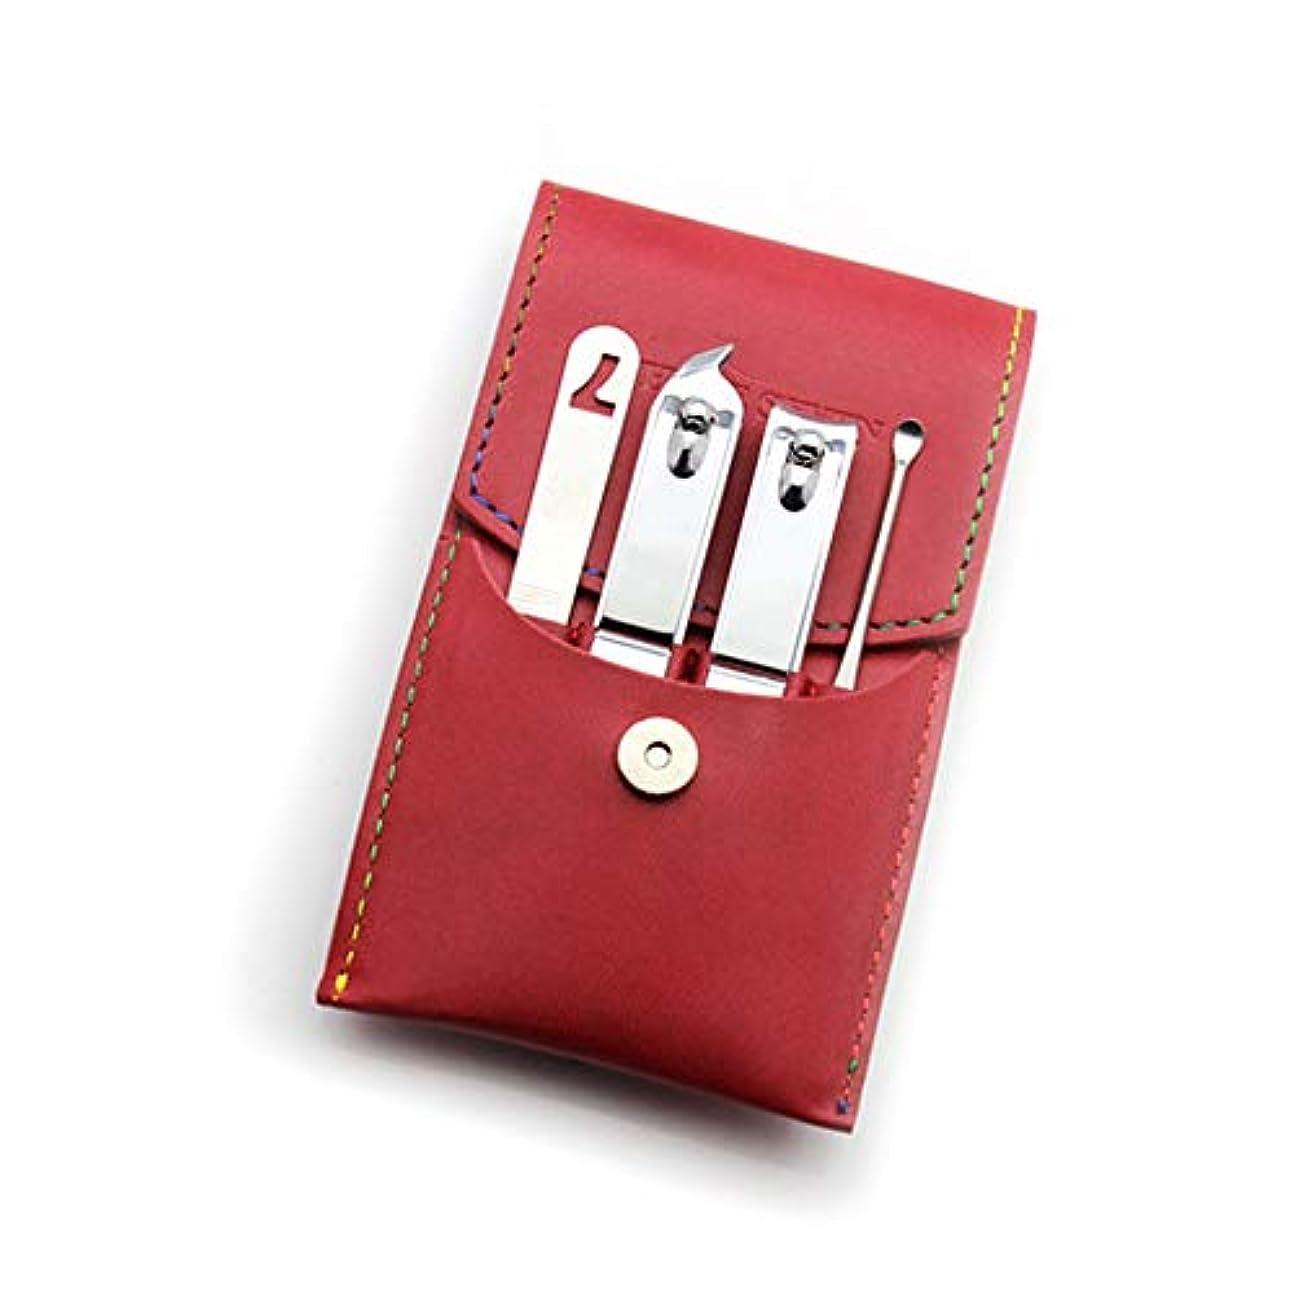 支払いデザイナー関係するネイルクリッパーセットファッション爪切りセット美容ネイルツールセット高級赤PUレザーケース付き、4点セット